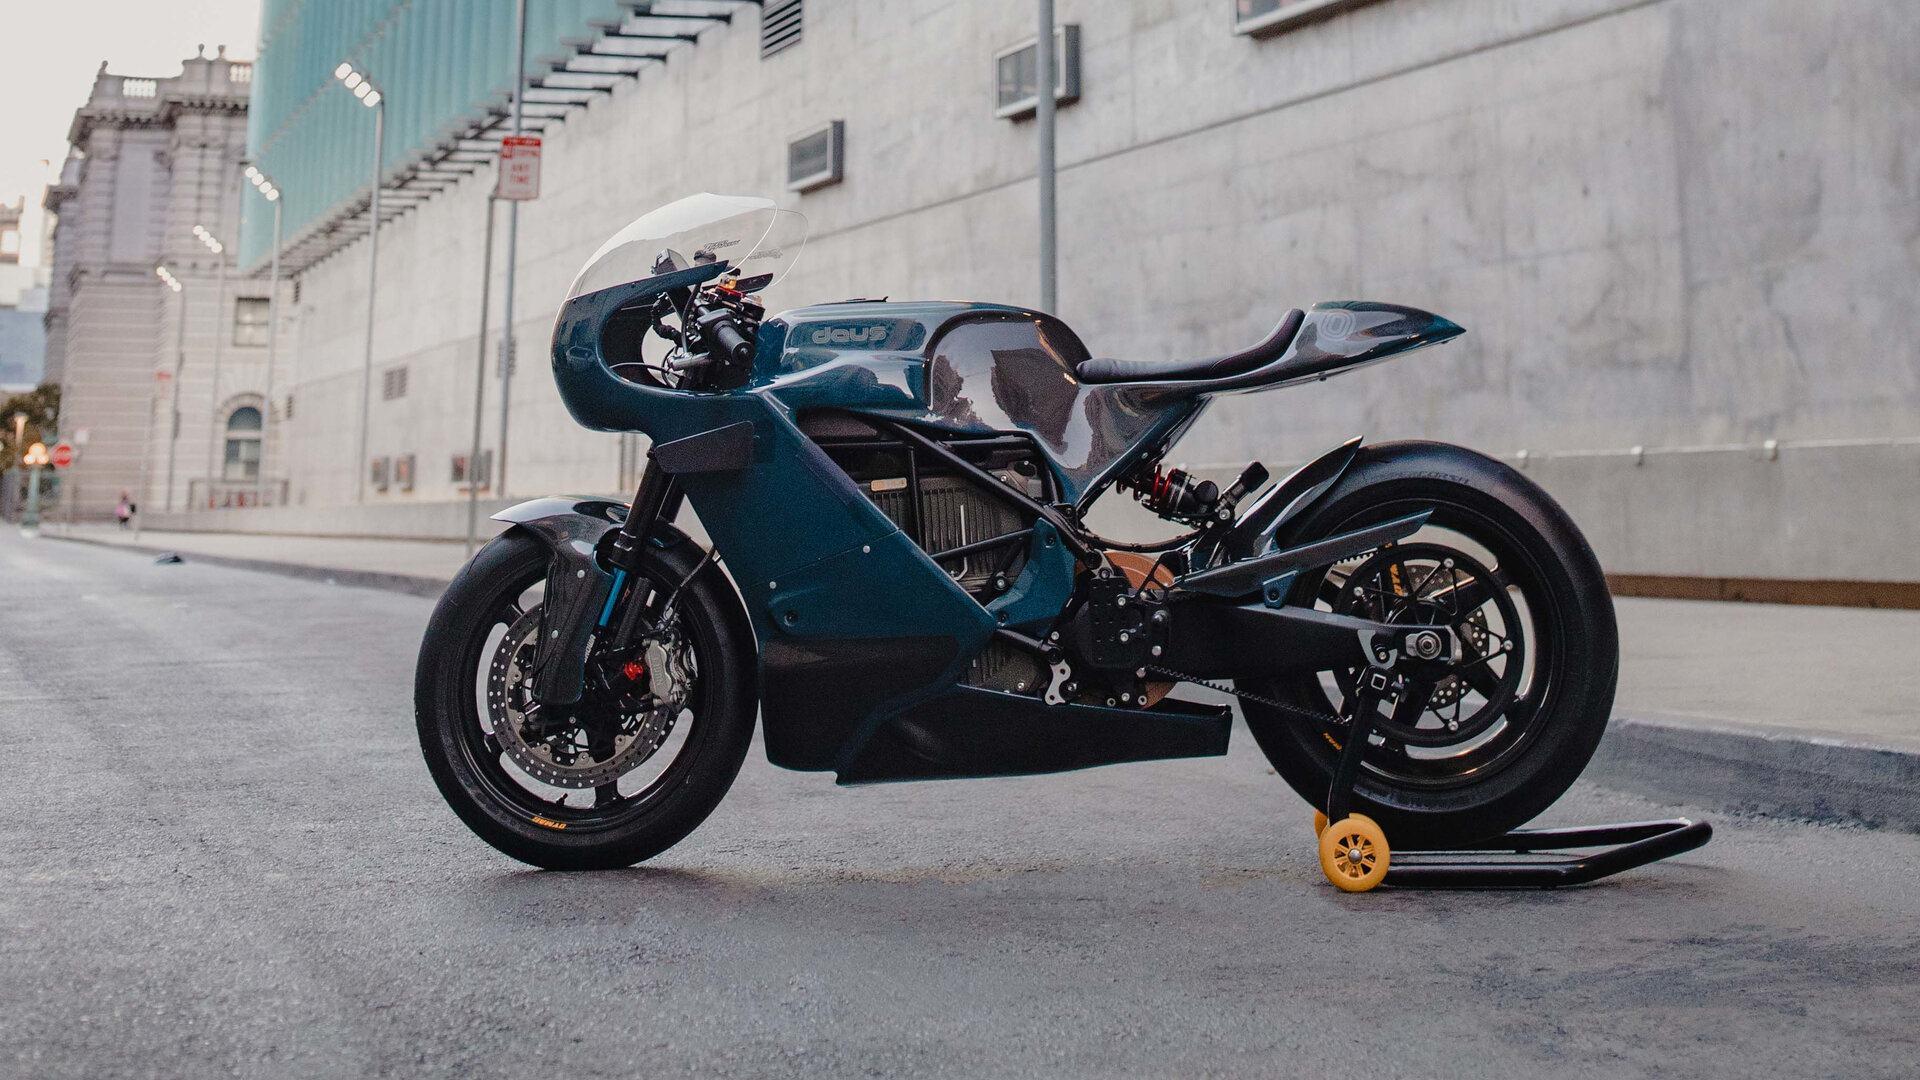 Moto del día: Zero Motorcycles x Deus Ex Machina